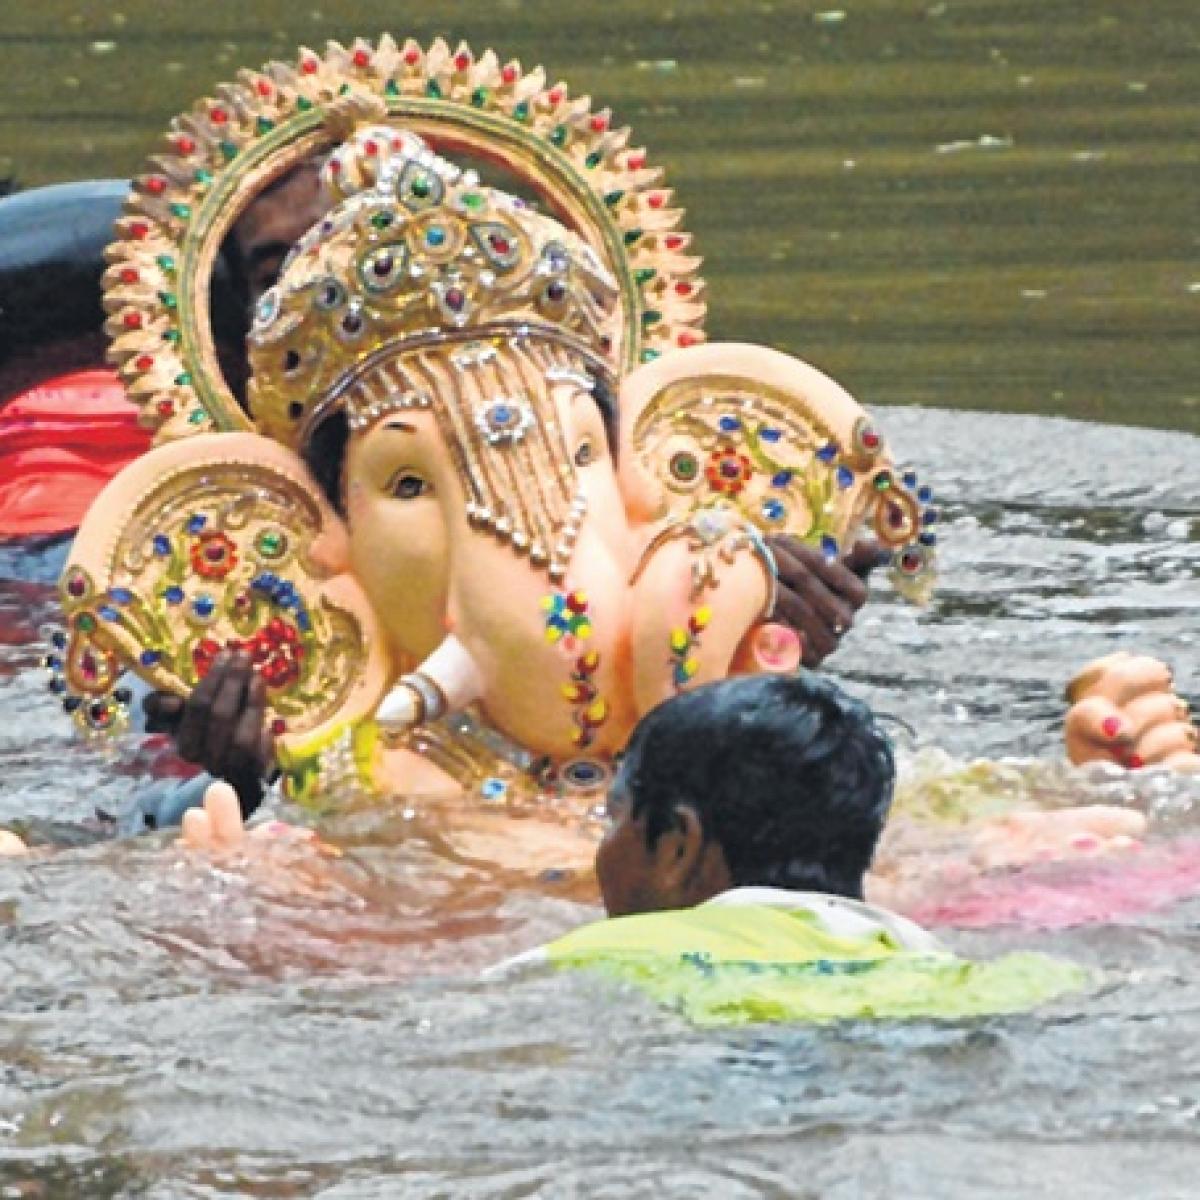 Coronavirus in Navi Mumbai: NMMC notes 40% rise in cases after Ganpati festival